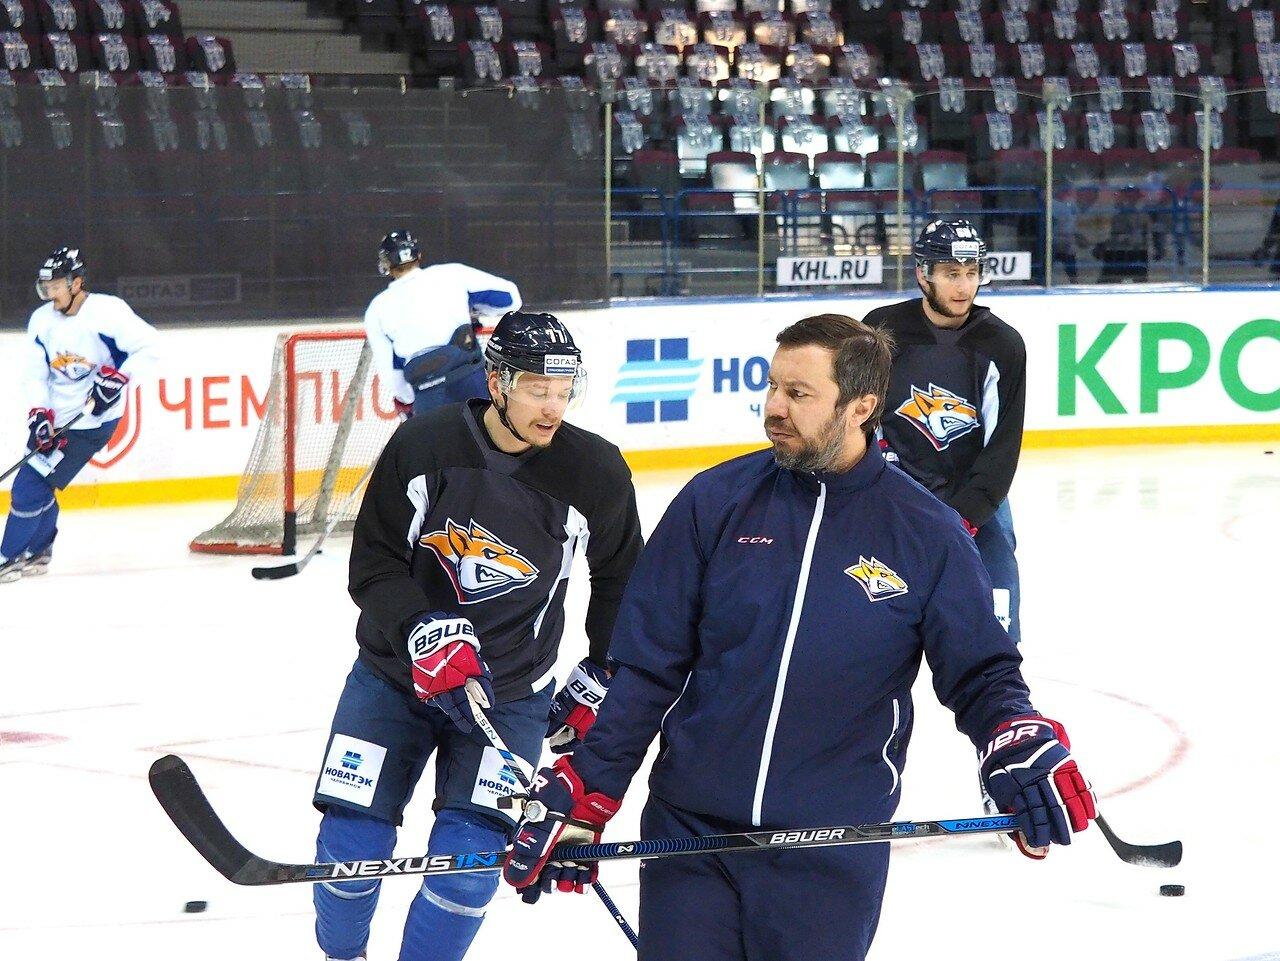 8 Открытая тренировка перед финалом плей-офф КХЛ 2017 06.04.2017